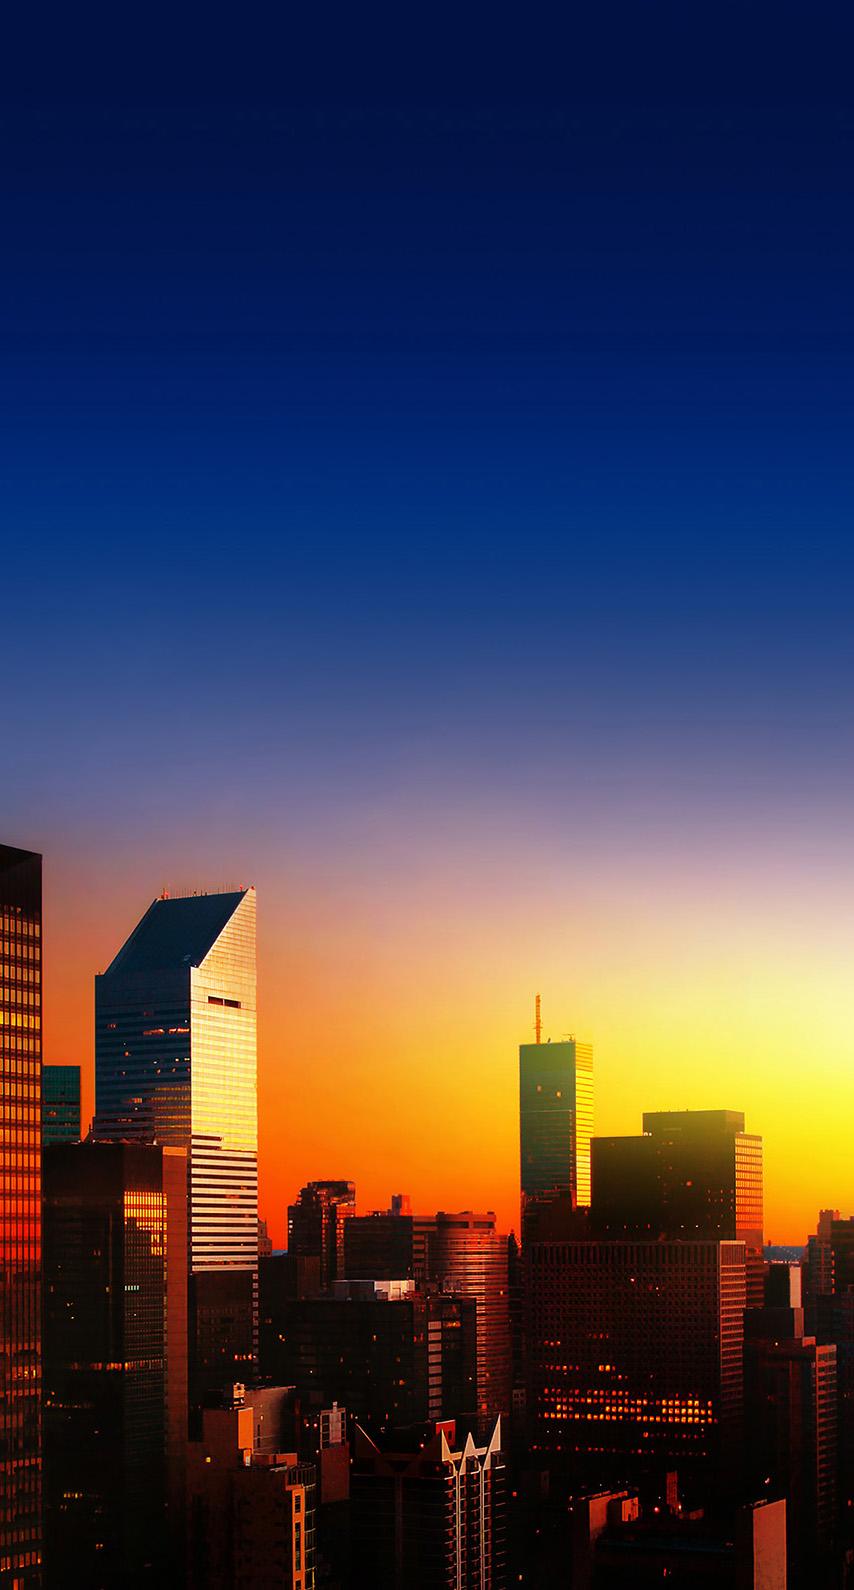 dusk, architecture